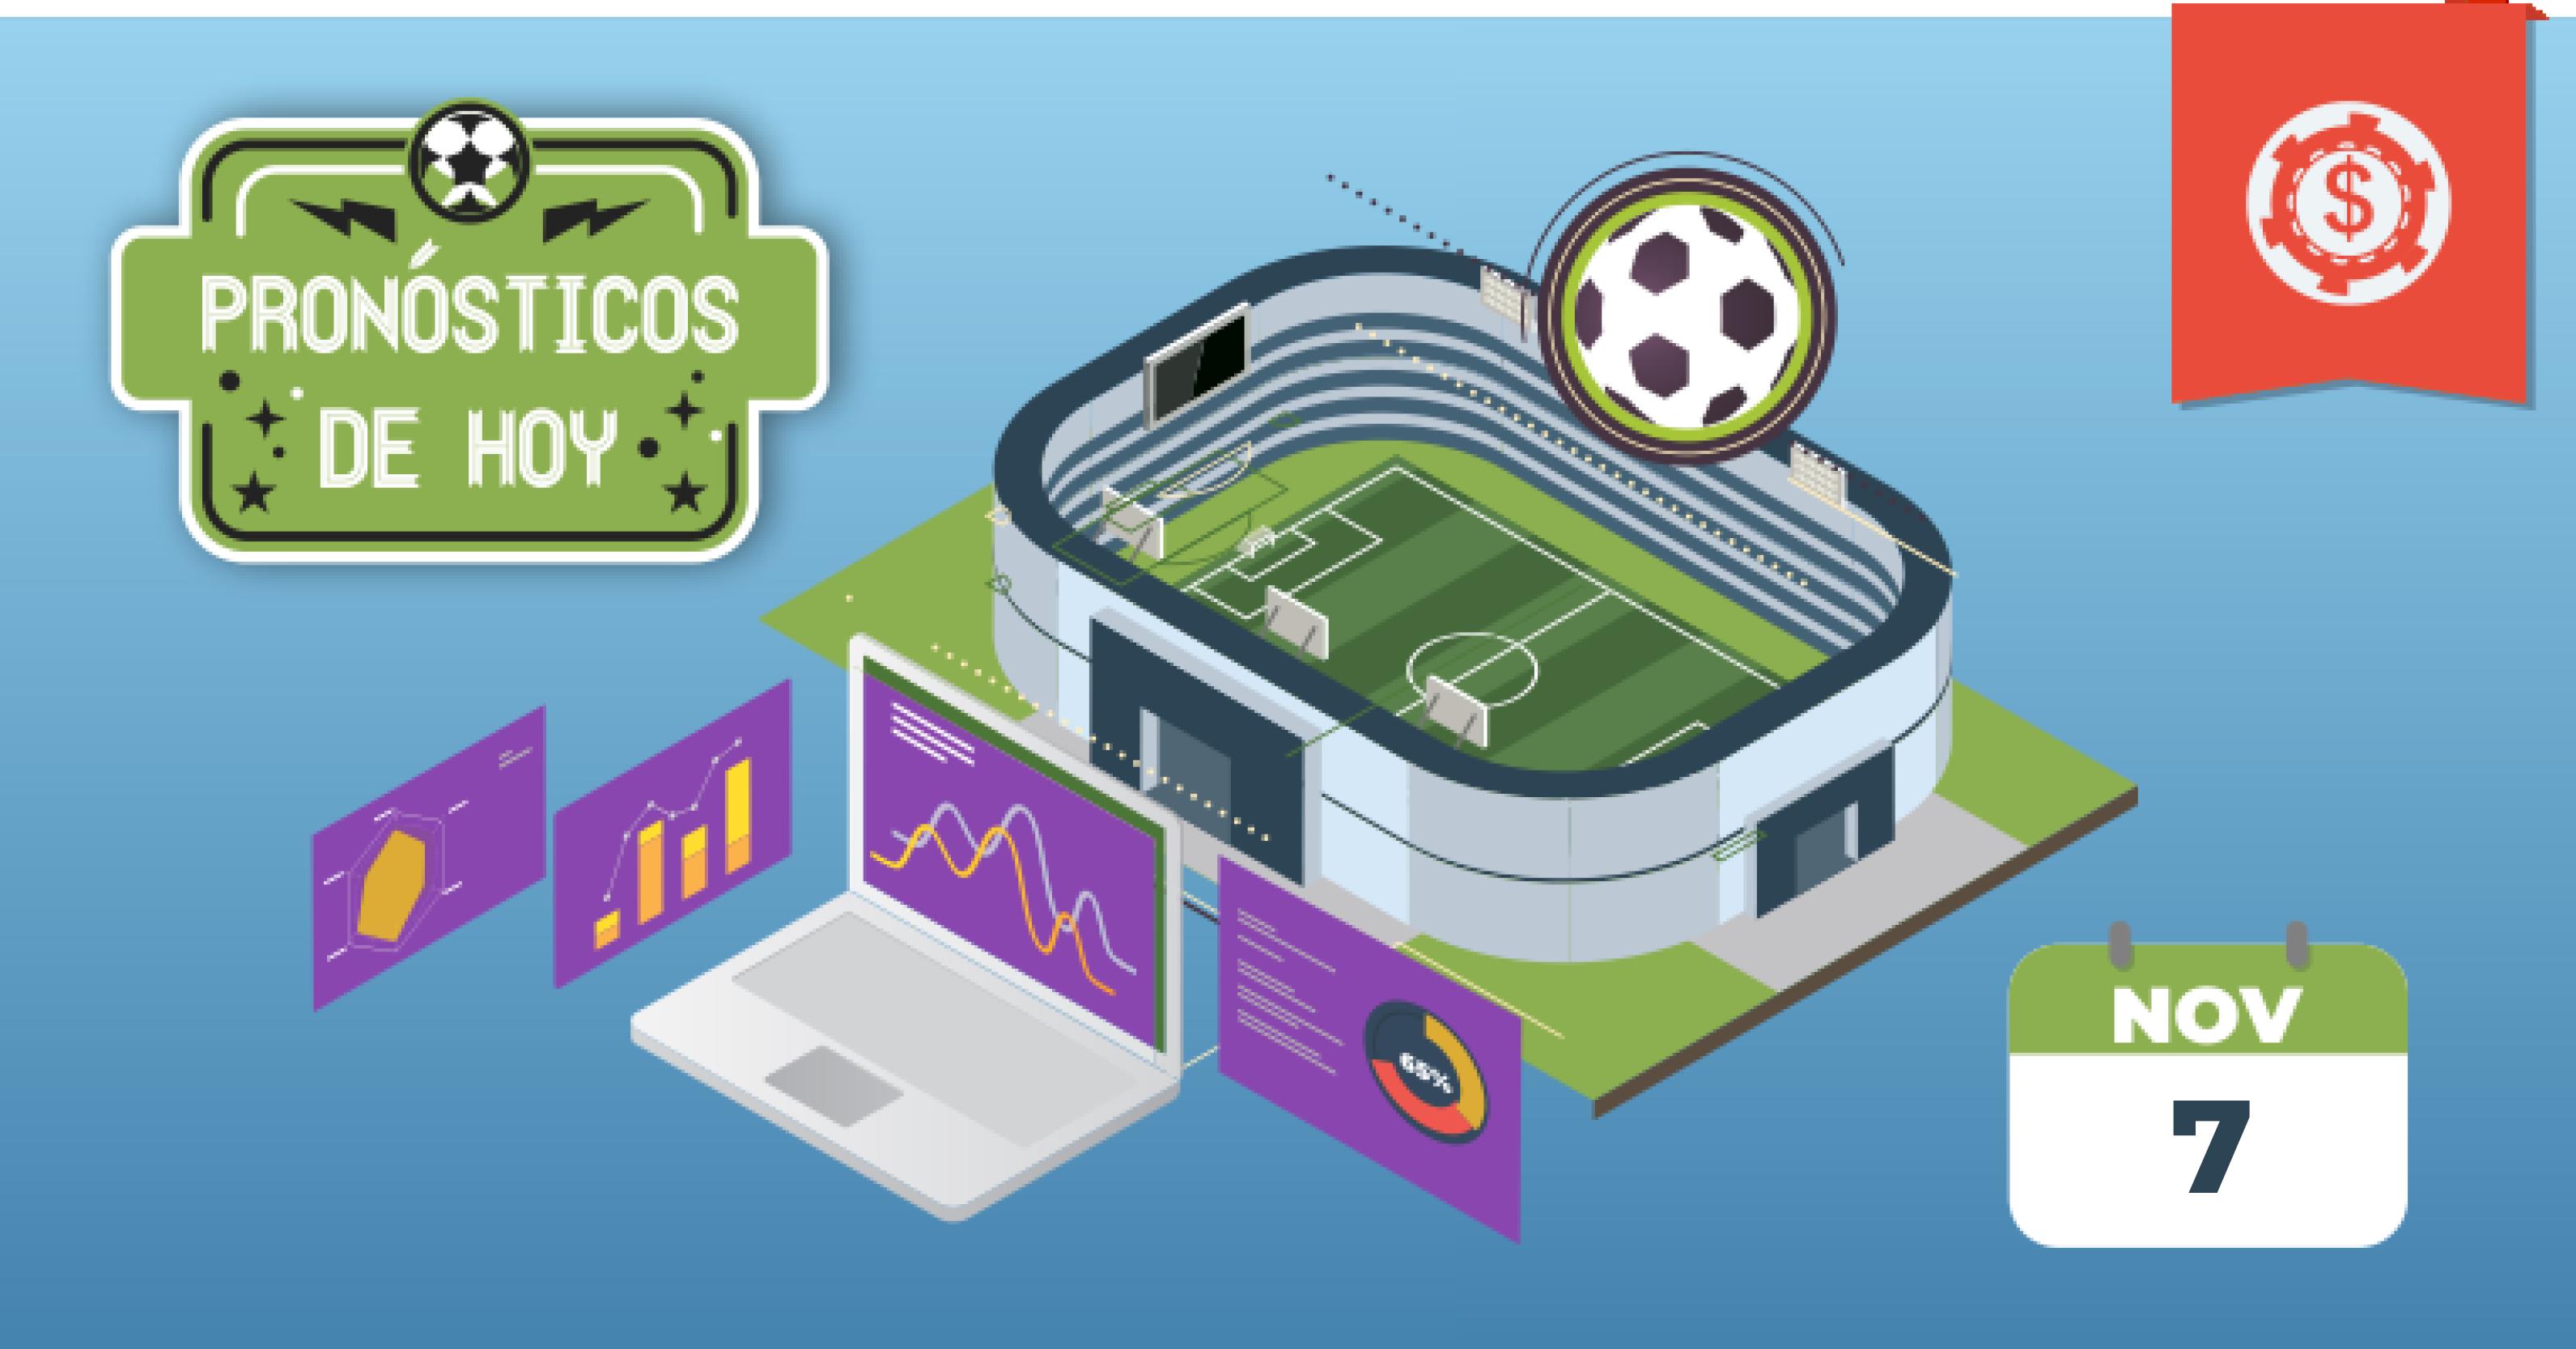 pronosticos-futbol-hoy-predicciones-7-noviembre-2019